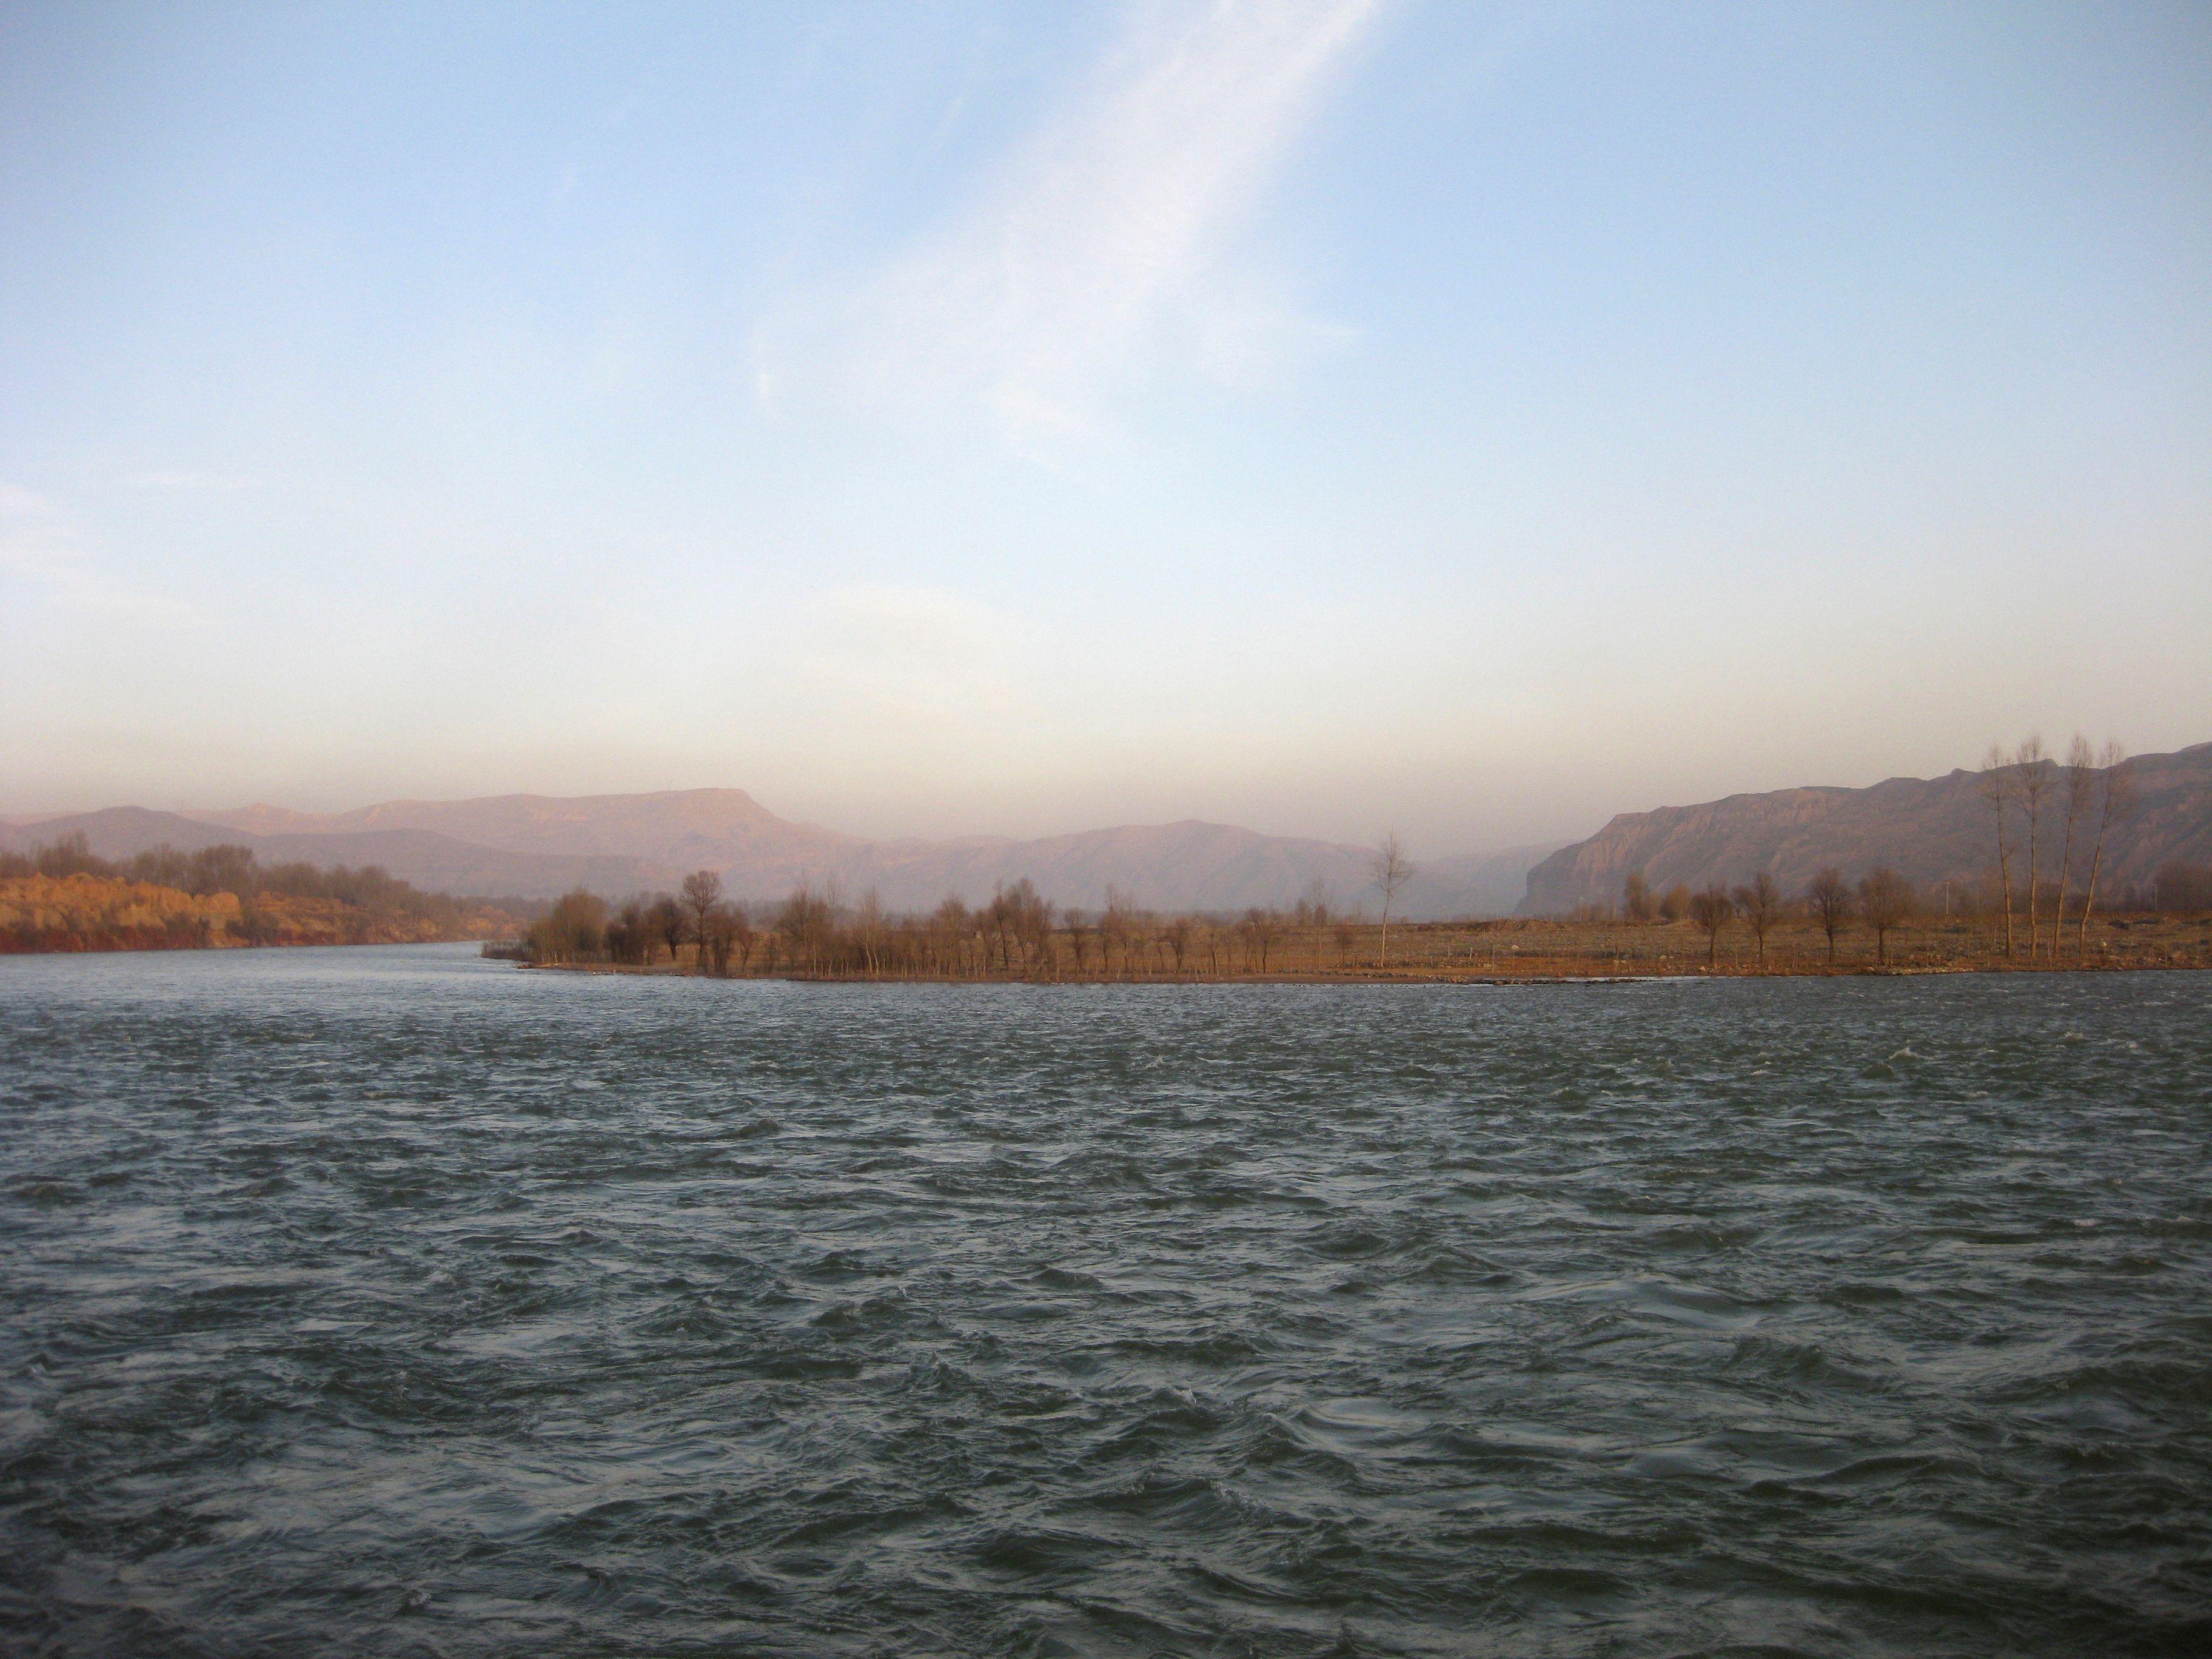 Une vue du Fleuve jaune, dans la province de Qinghai.